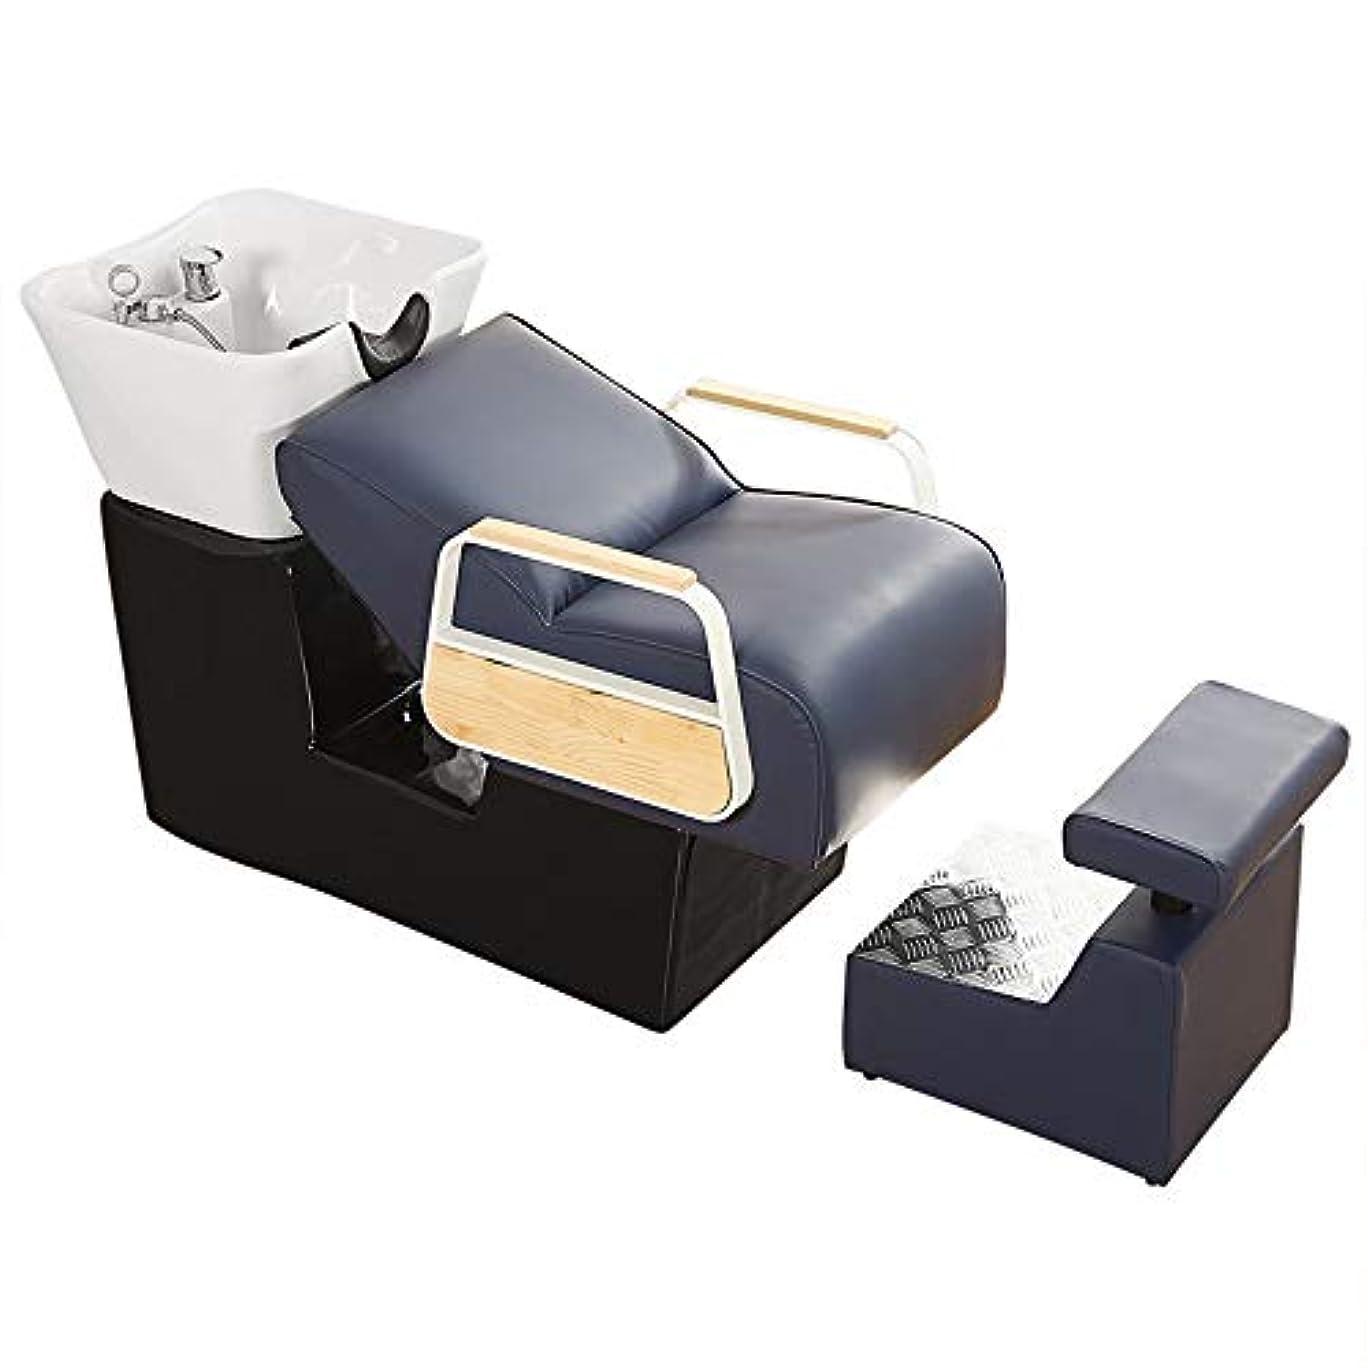 隣人好み巻き戻すシャンプーの椅子、逆洗の単位の陶磁器の洗面器の洗面器のための洗面器のボウル理髪シンクの椅子